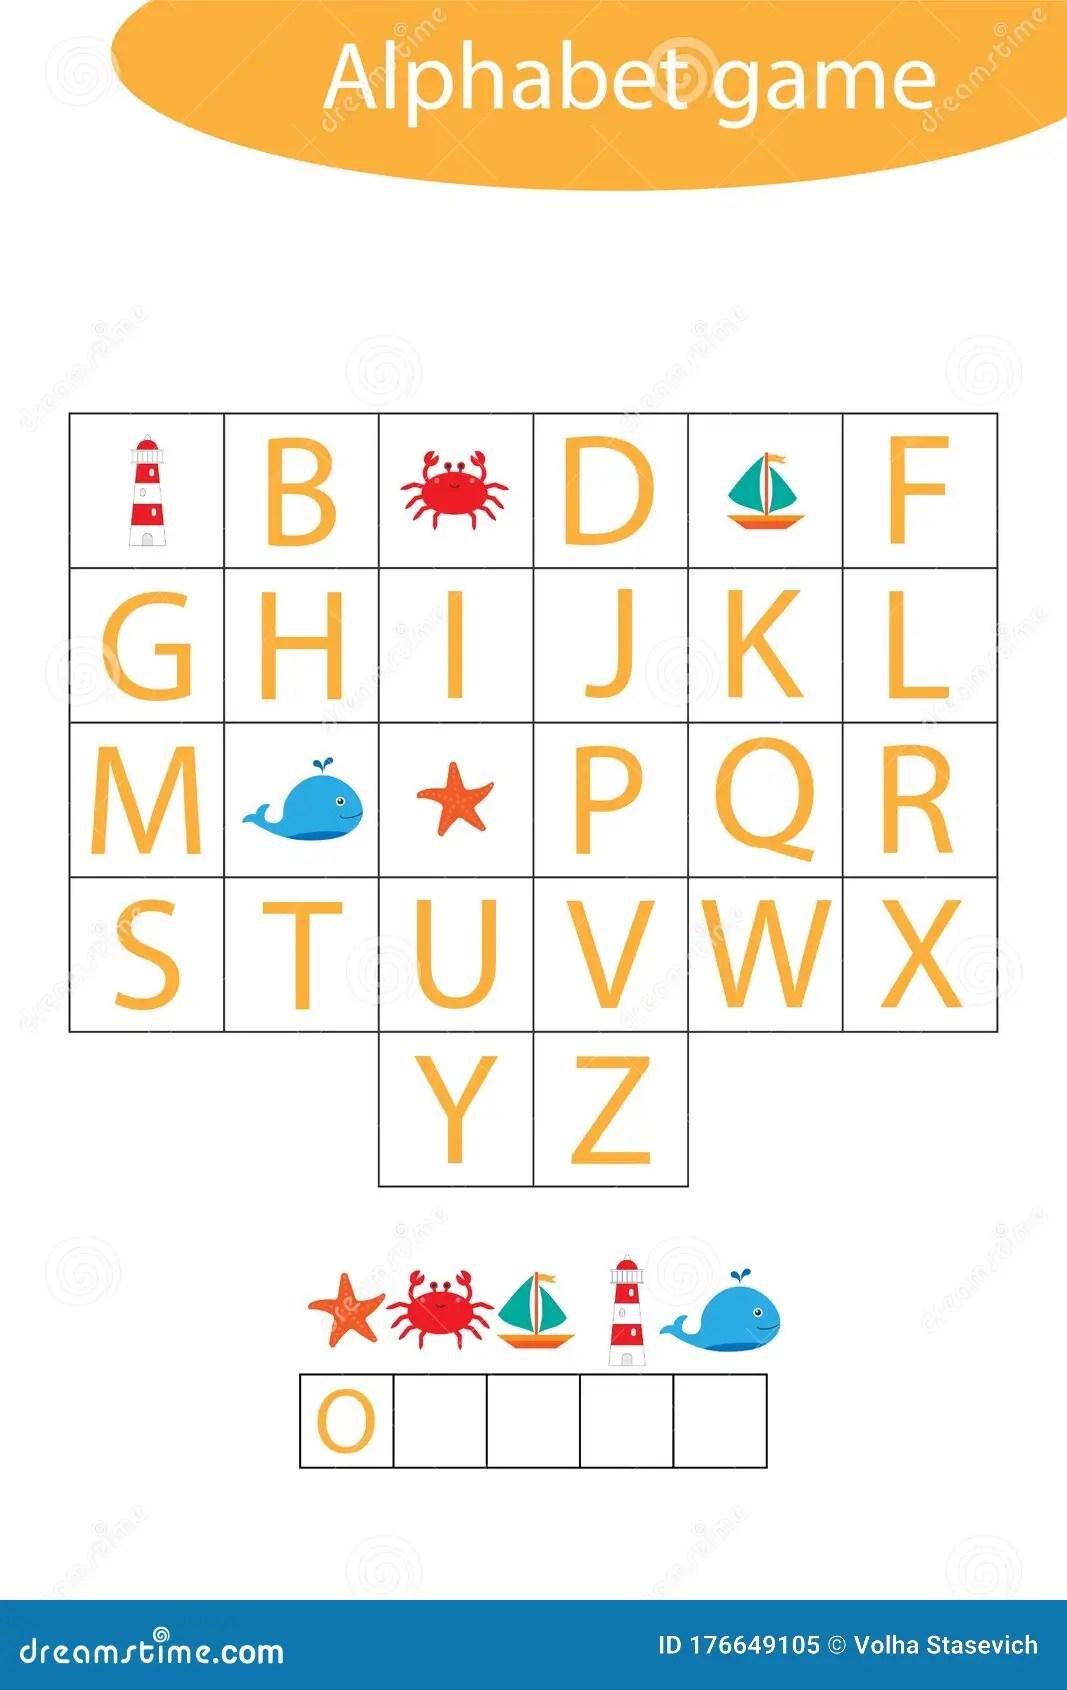 Ocean Nimals Alphabet Game For Children Make A Word